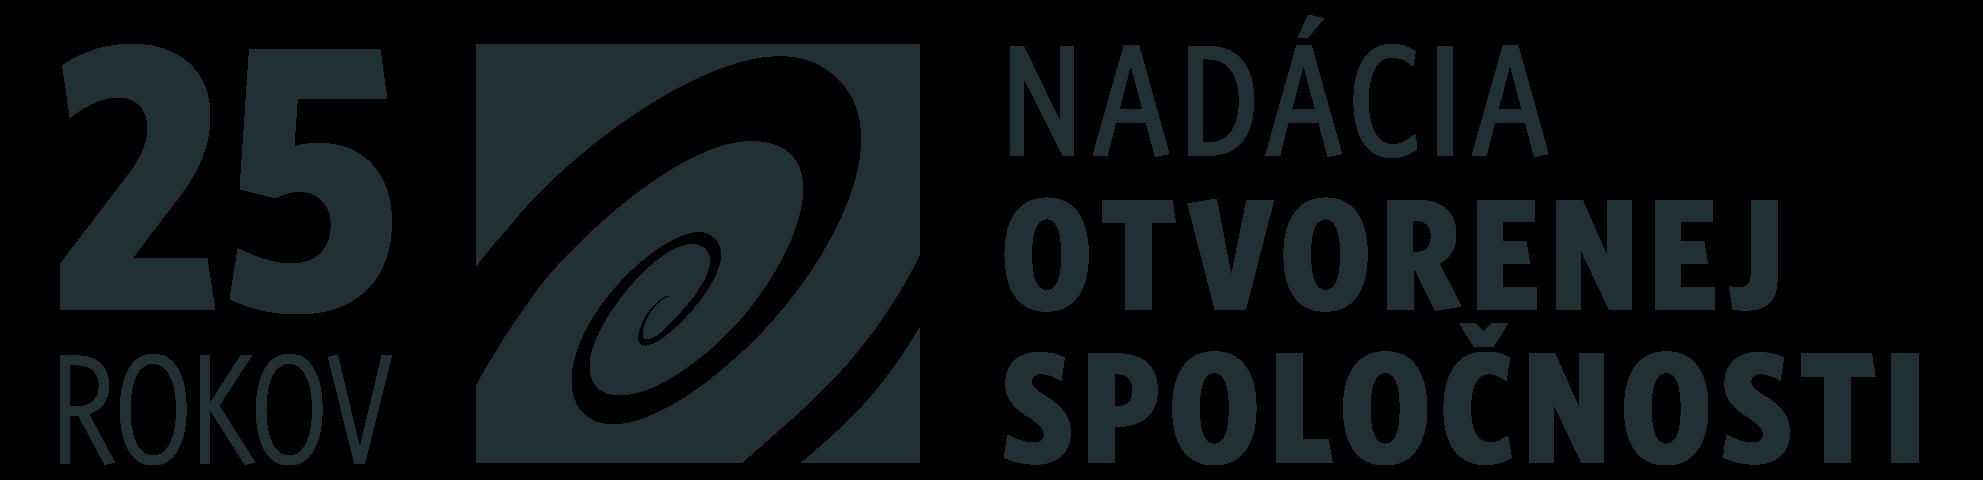 logo-OSF-svk-25rokov